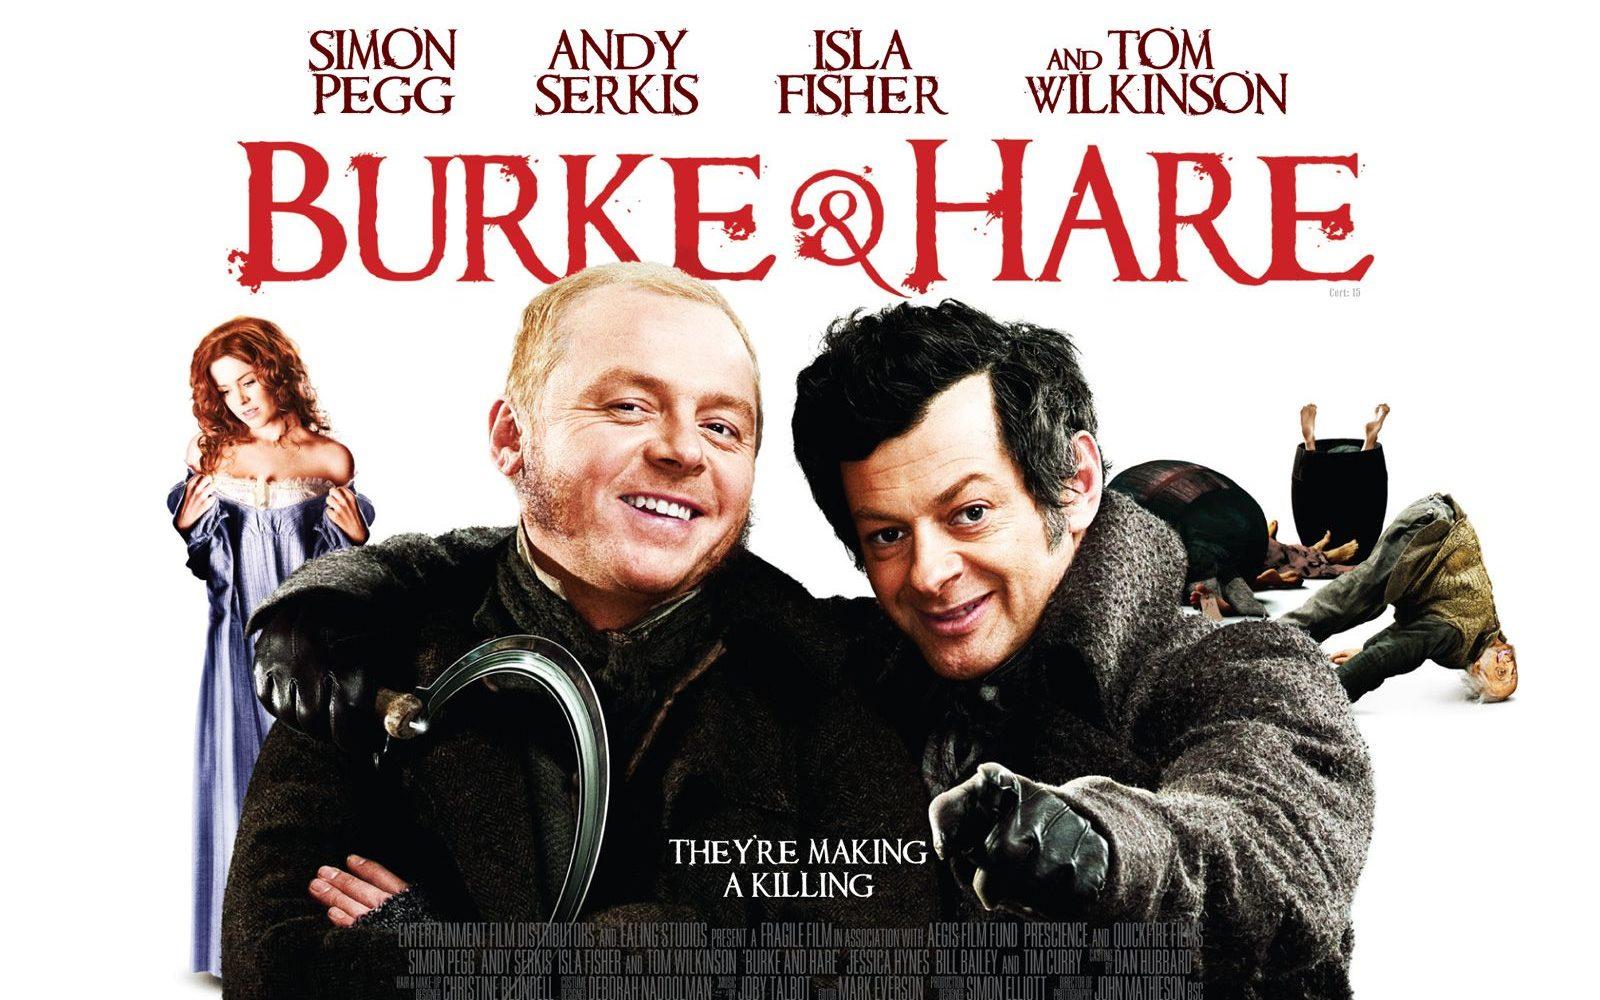 Burke & Hare – La commedia nera come John Landis comanda